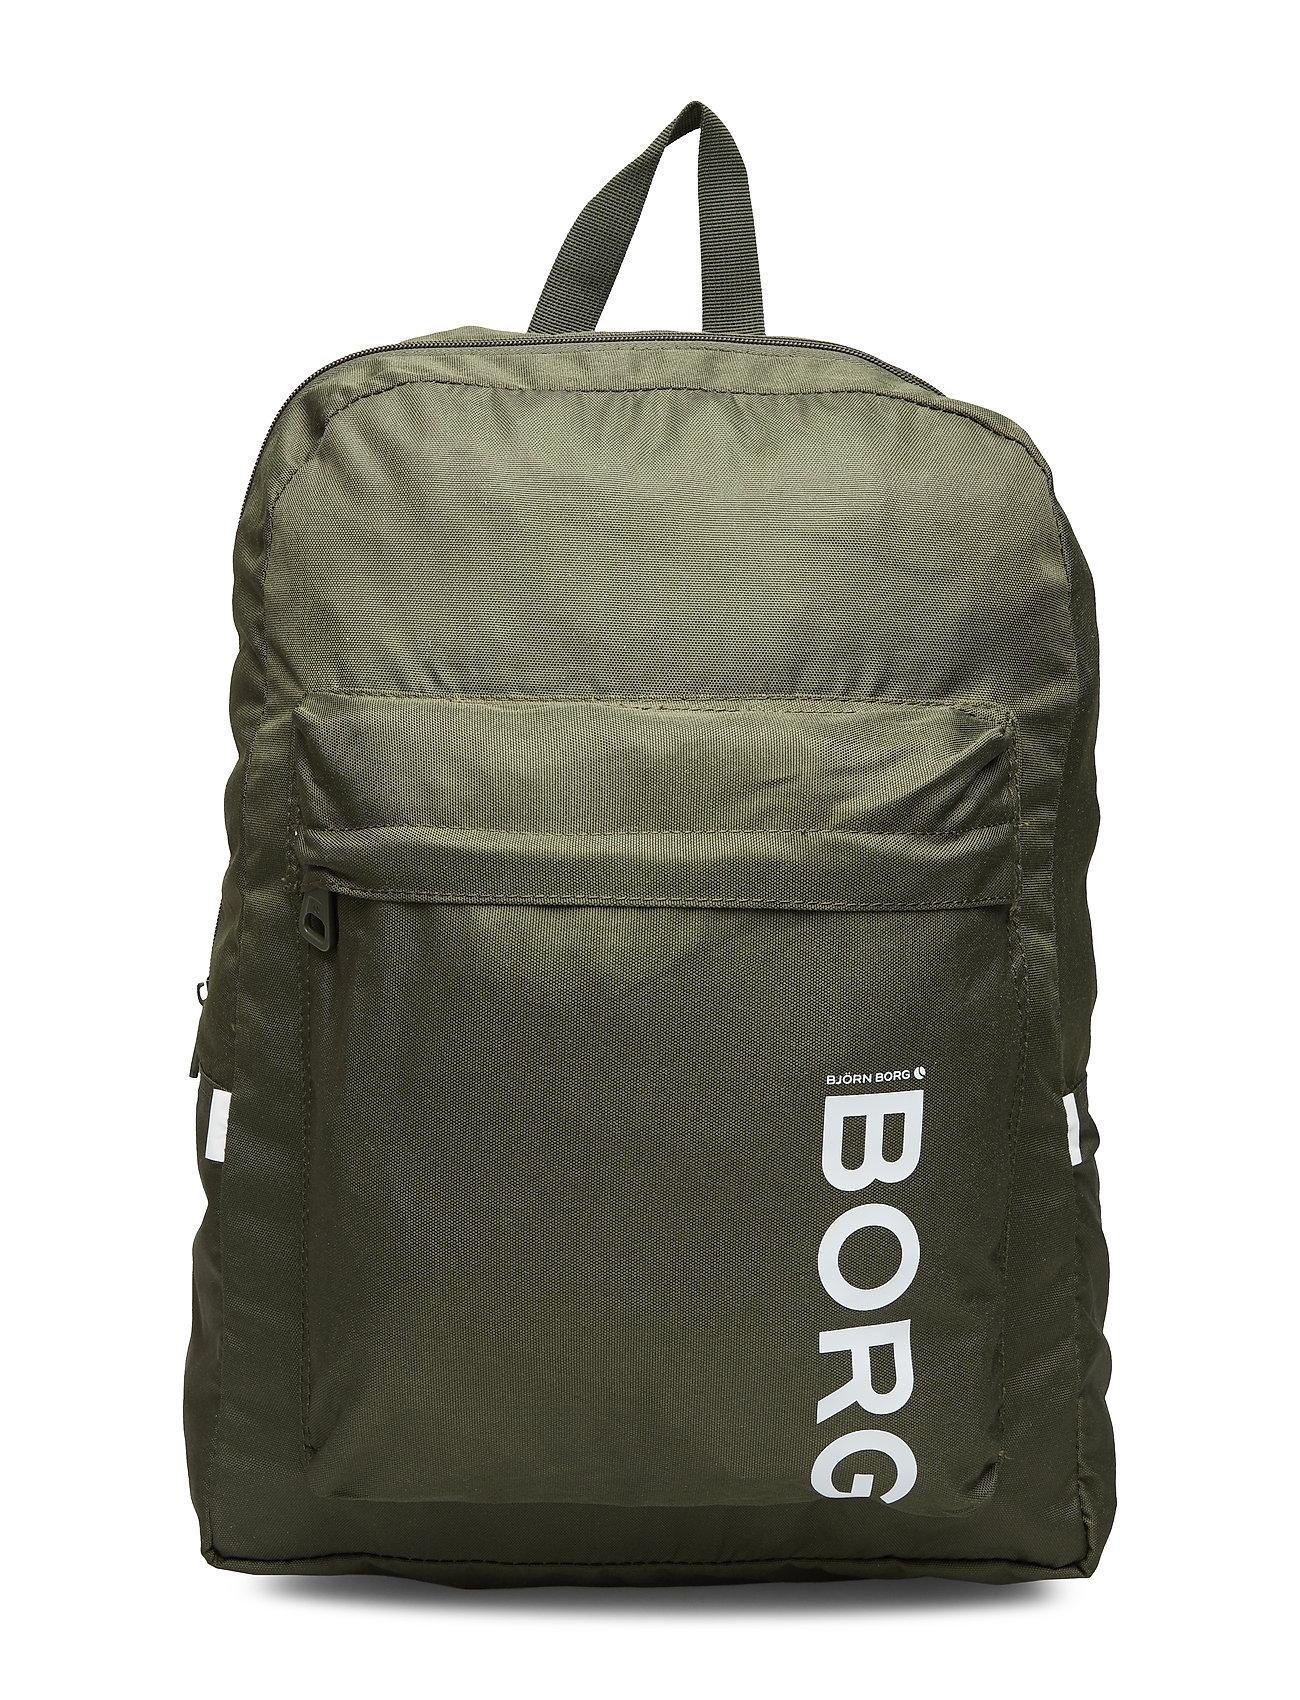 Björn Borg Bags CORE7000 - GREEN